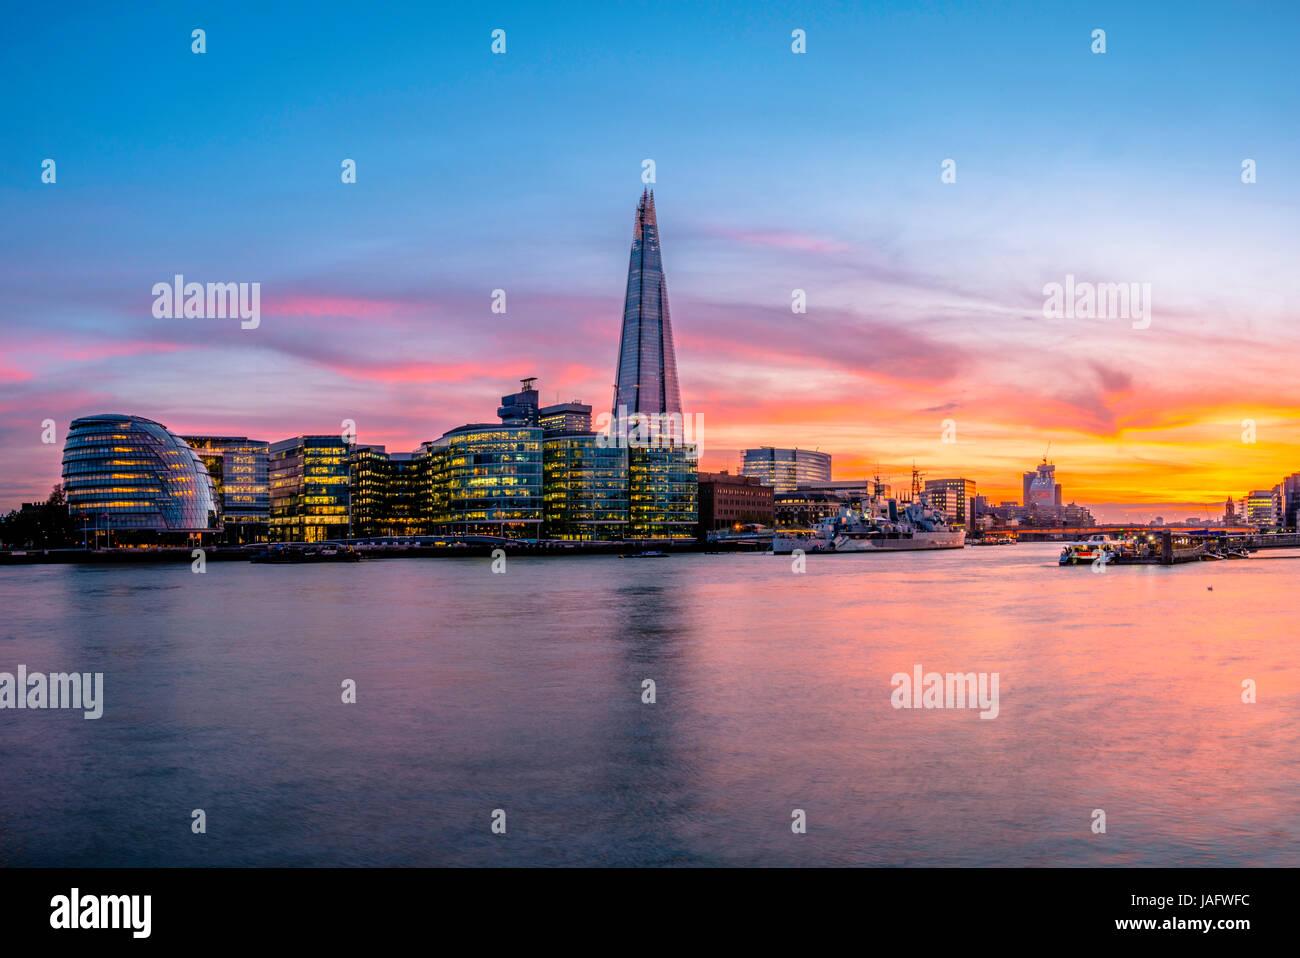 Horizonte del complejo de oficinas más Londres Riverside, City Hall de Londres, El Shard, Thames al atardecer, Imagen De Stock